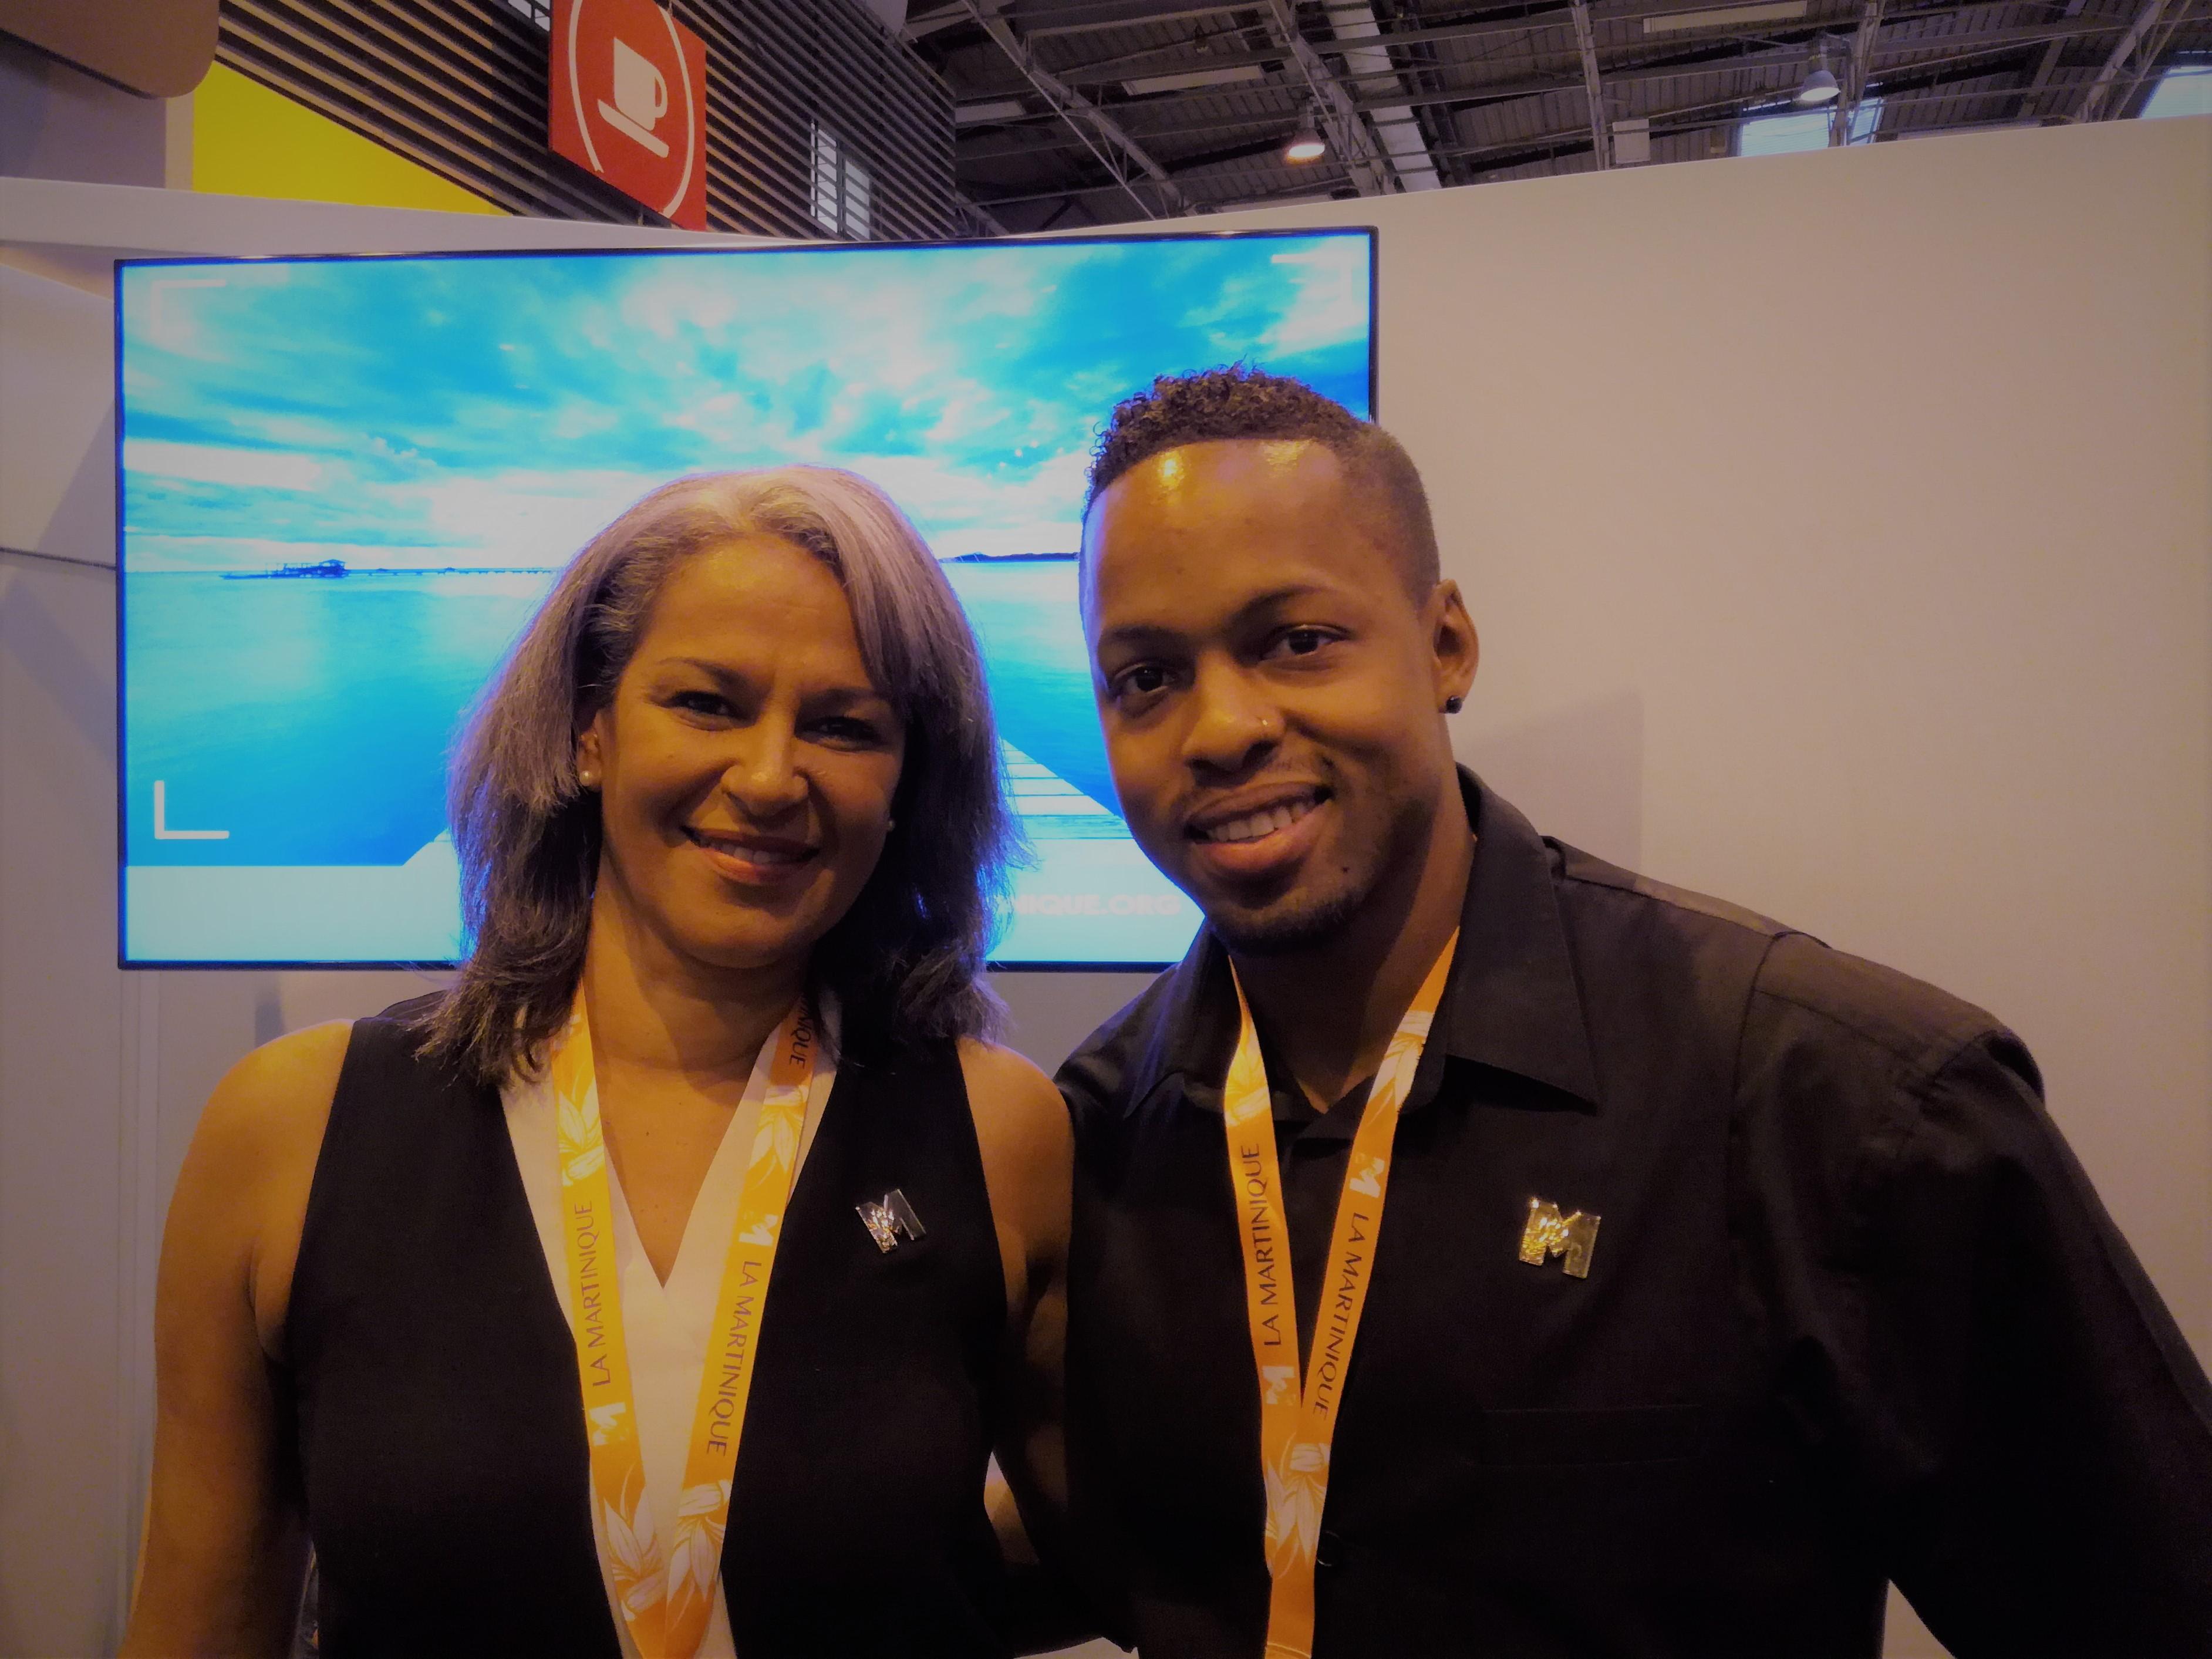 Dimitri Bascou et Karine Mousseau à Top Resa - crédit photo : RP